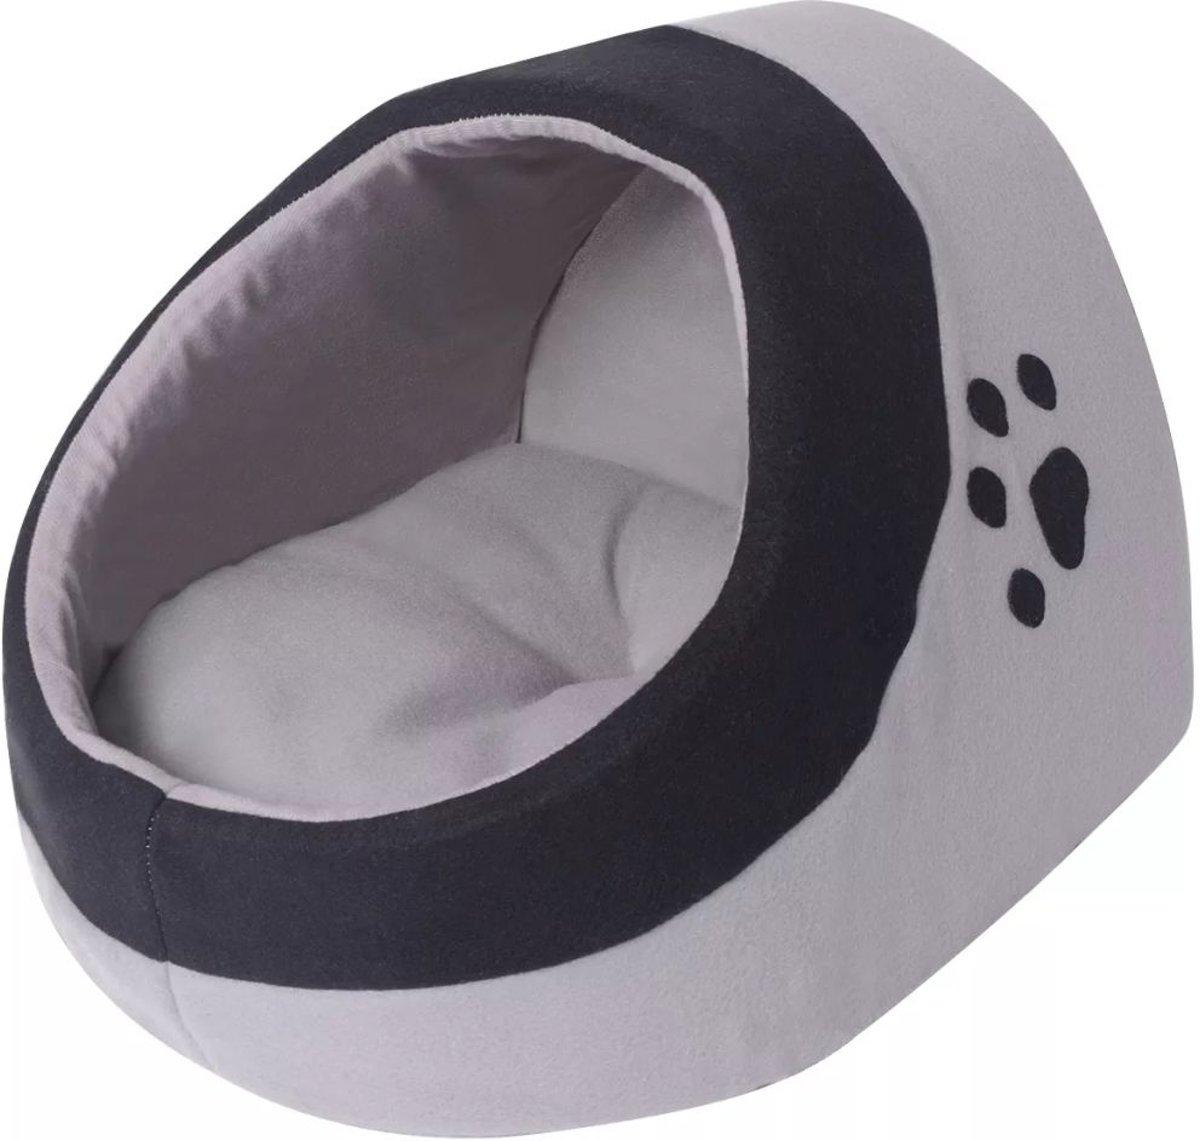 vidaXL Kussen voor katten grijs en zwart XL